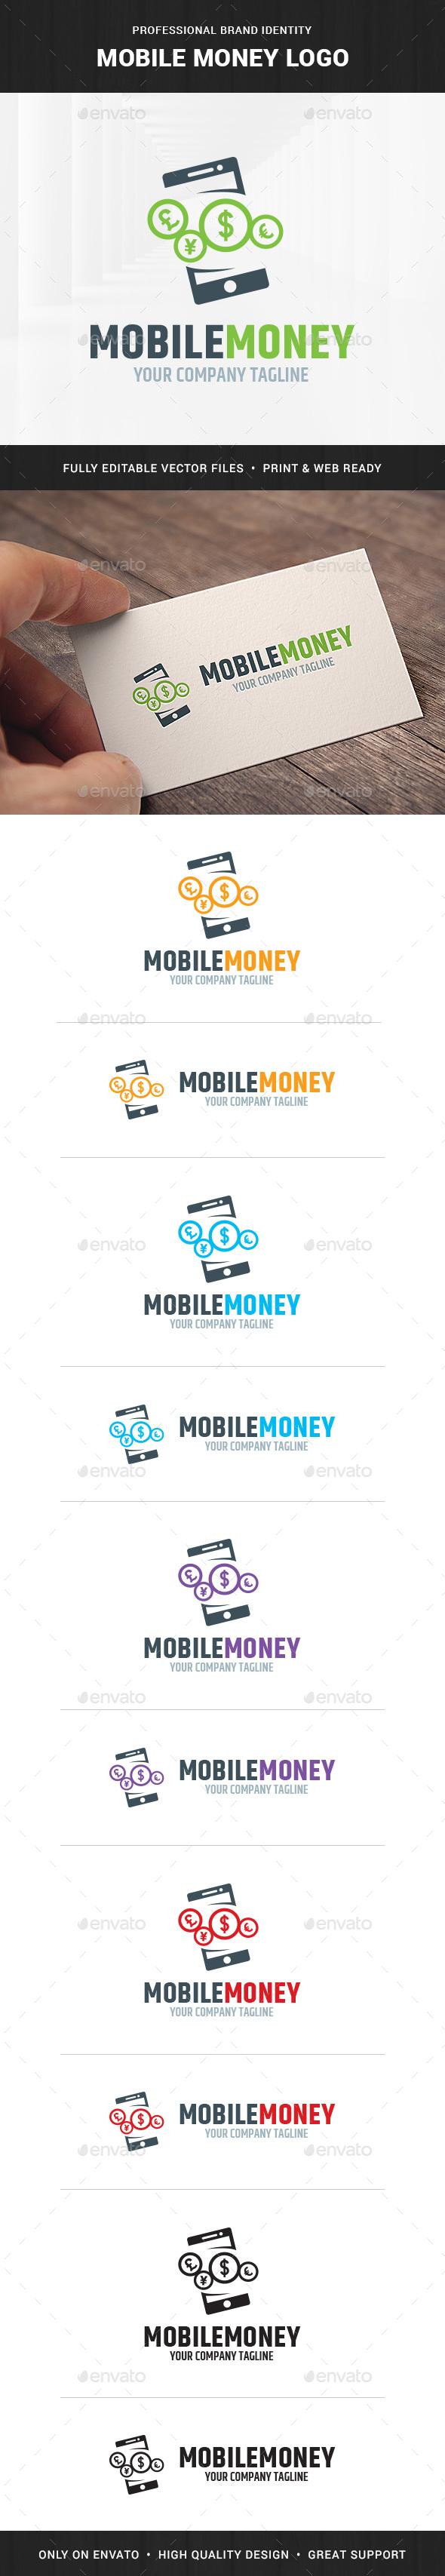 Mobile Money Logo Template